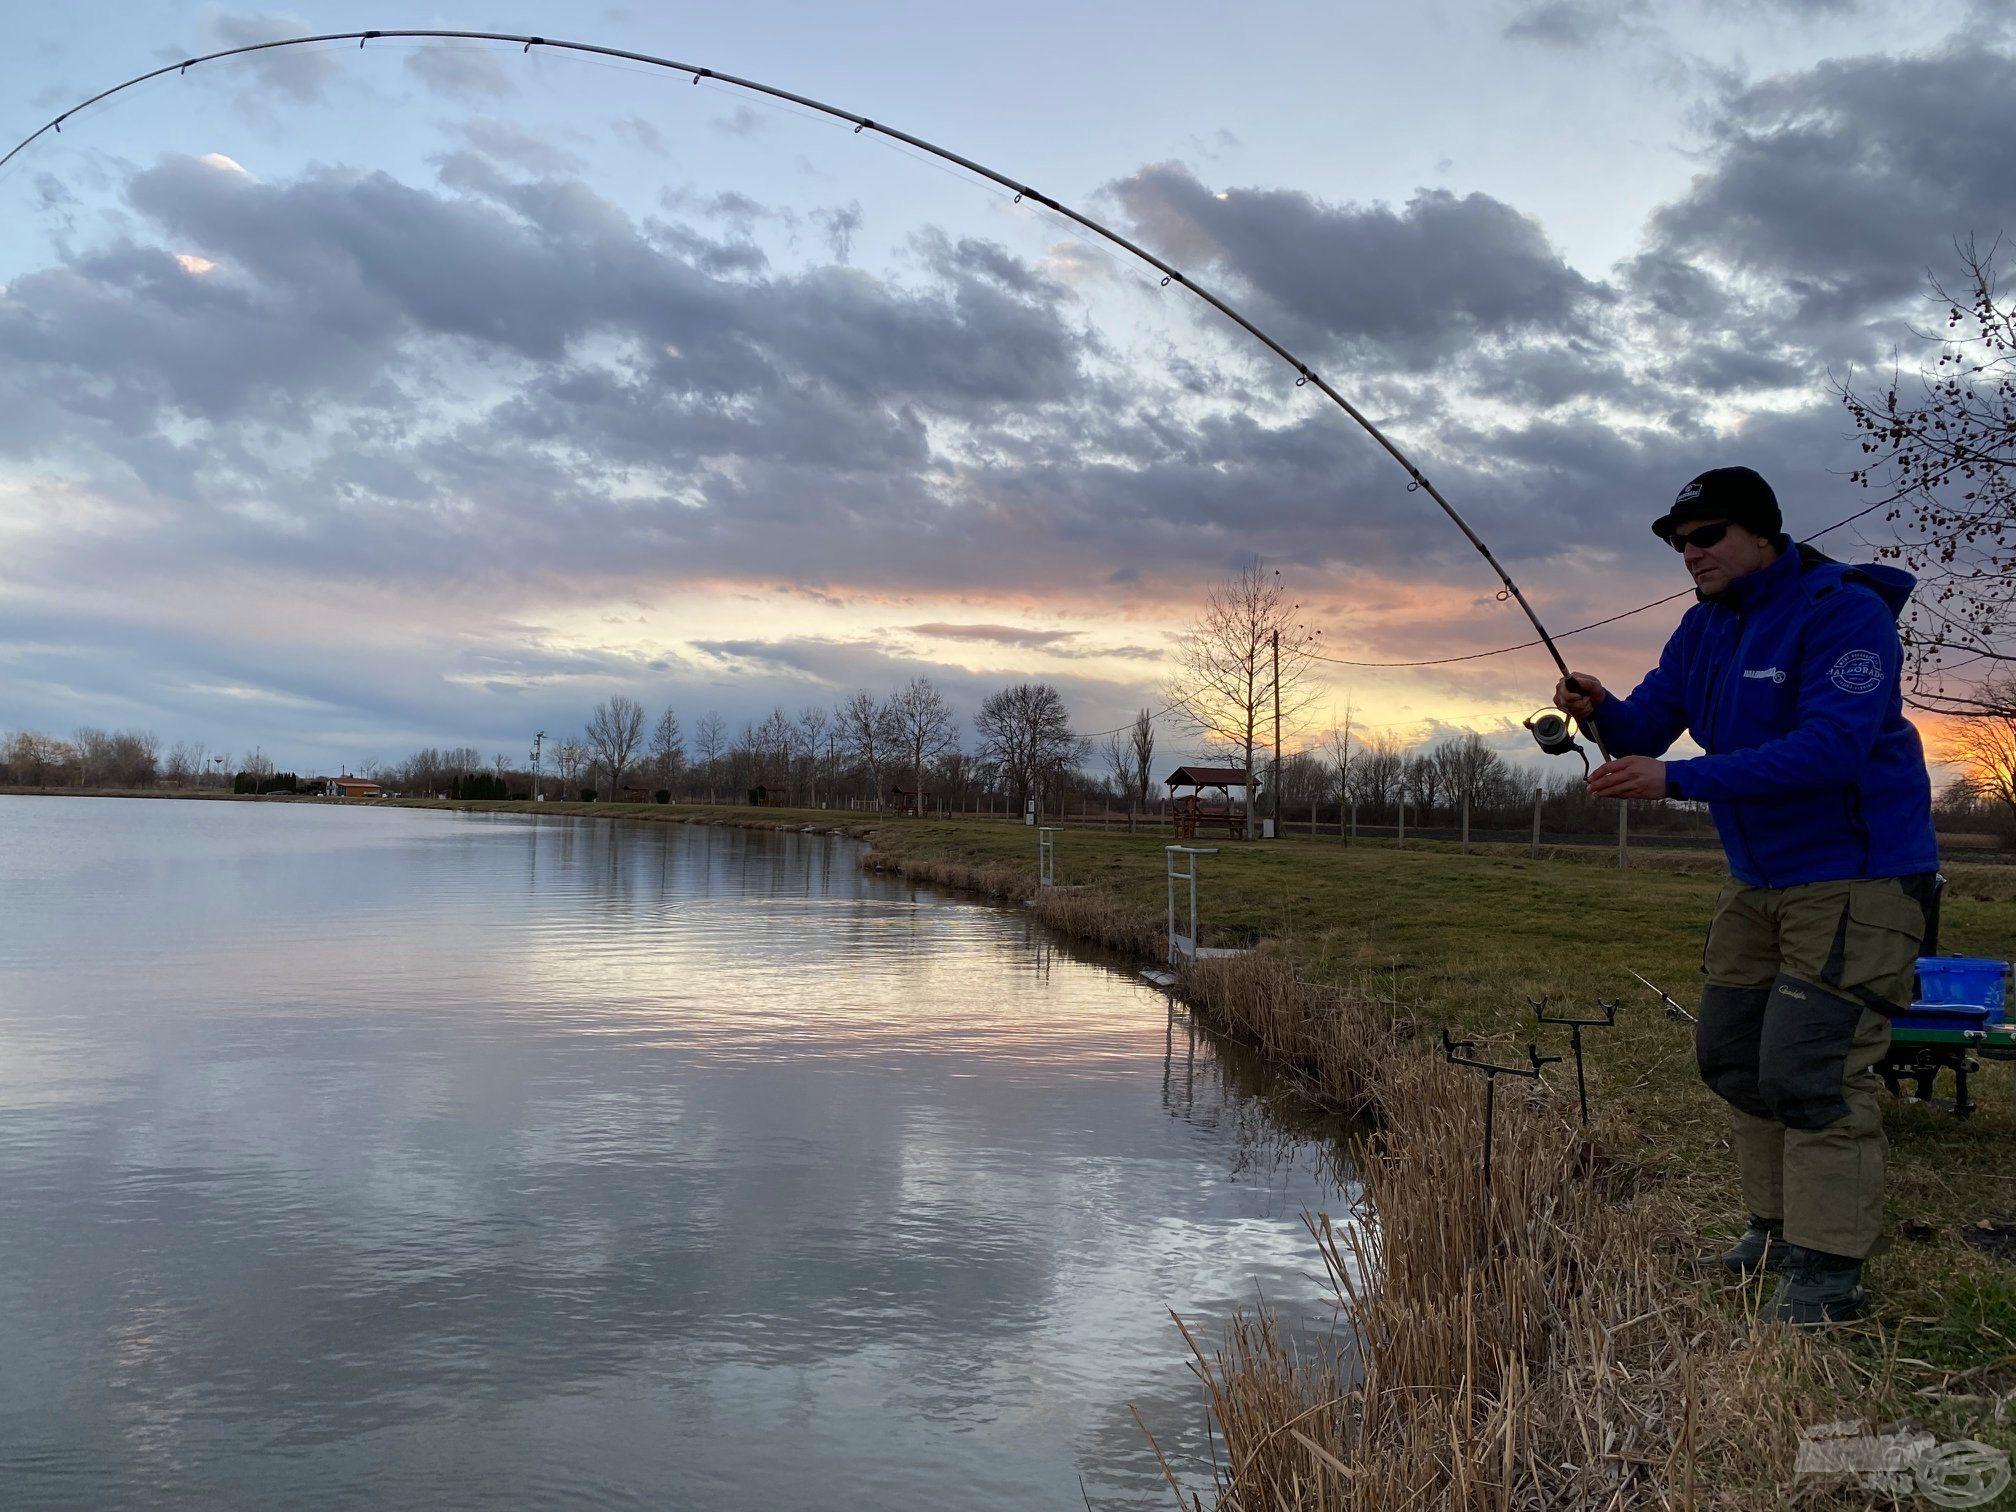 Kora tavaszi, hideg vízi horgászataim során (is) előszeretettel használom e kosártípust